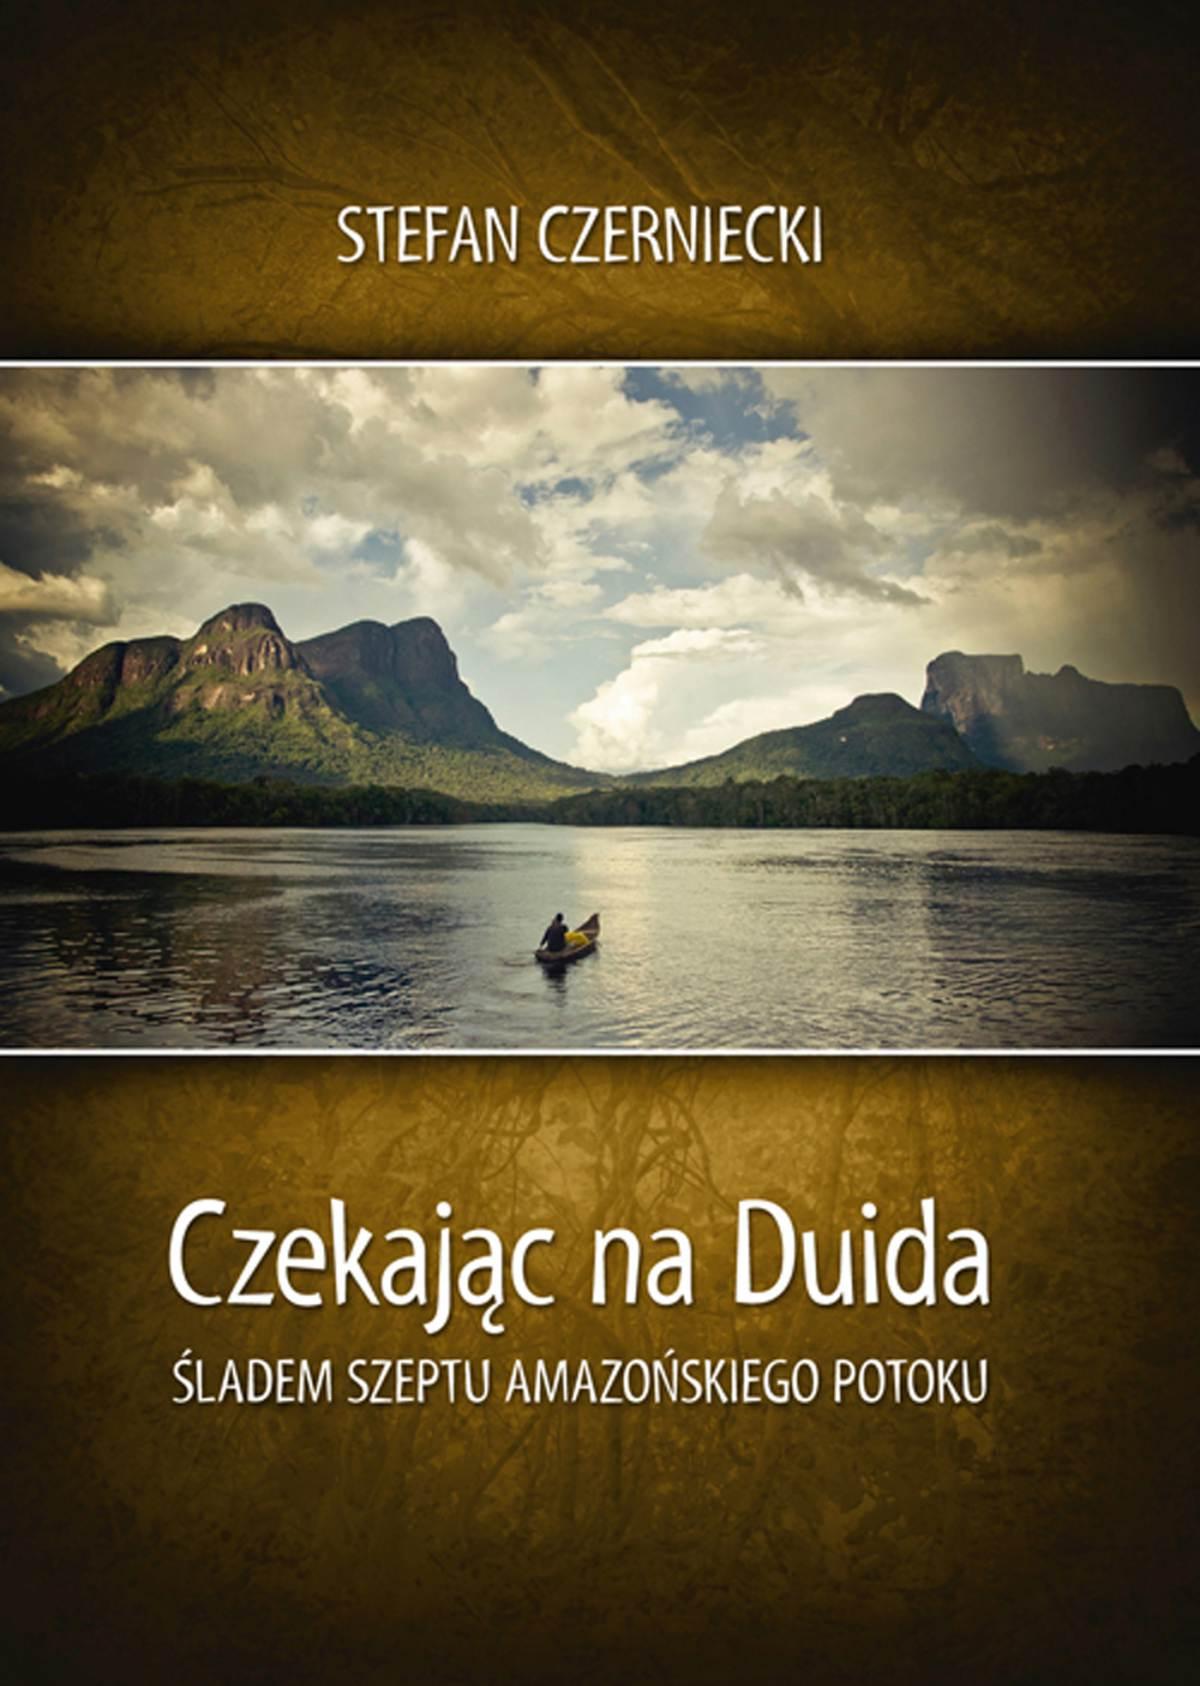 Czekając na Duida. Śladem szeptu amazońskiego potoku - Ebook (Książka na Kindle) do pobrania w formacie MOBI